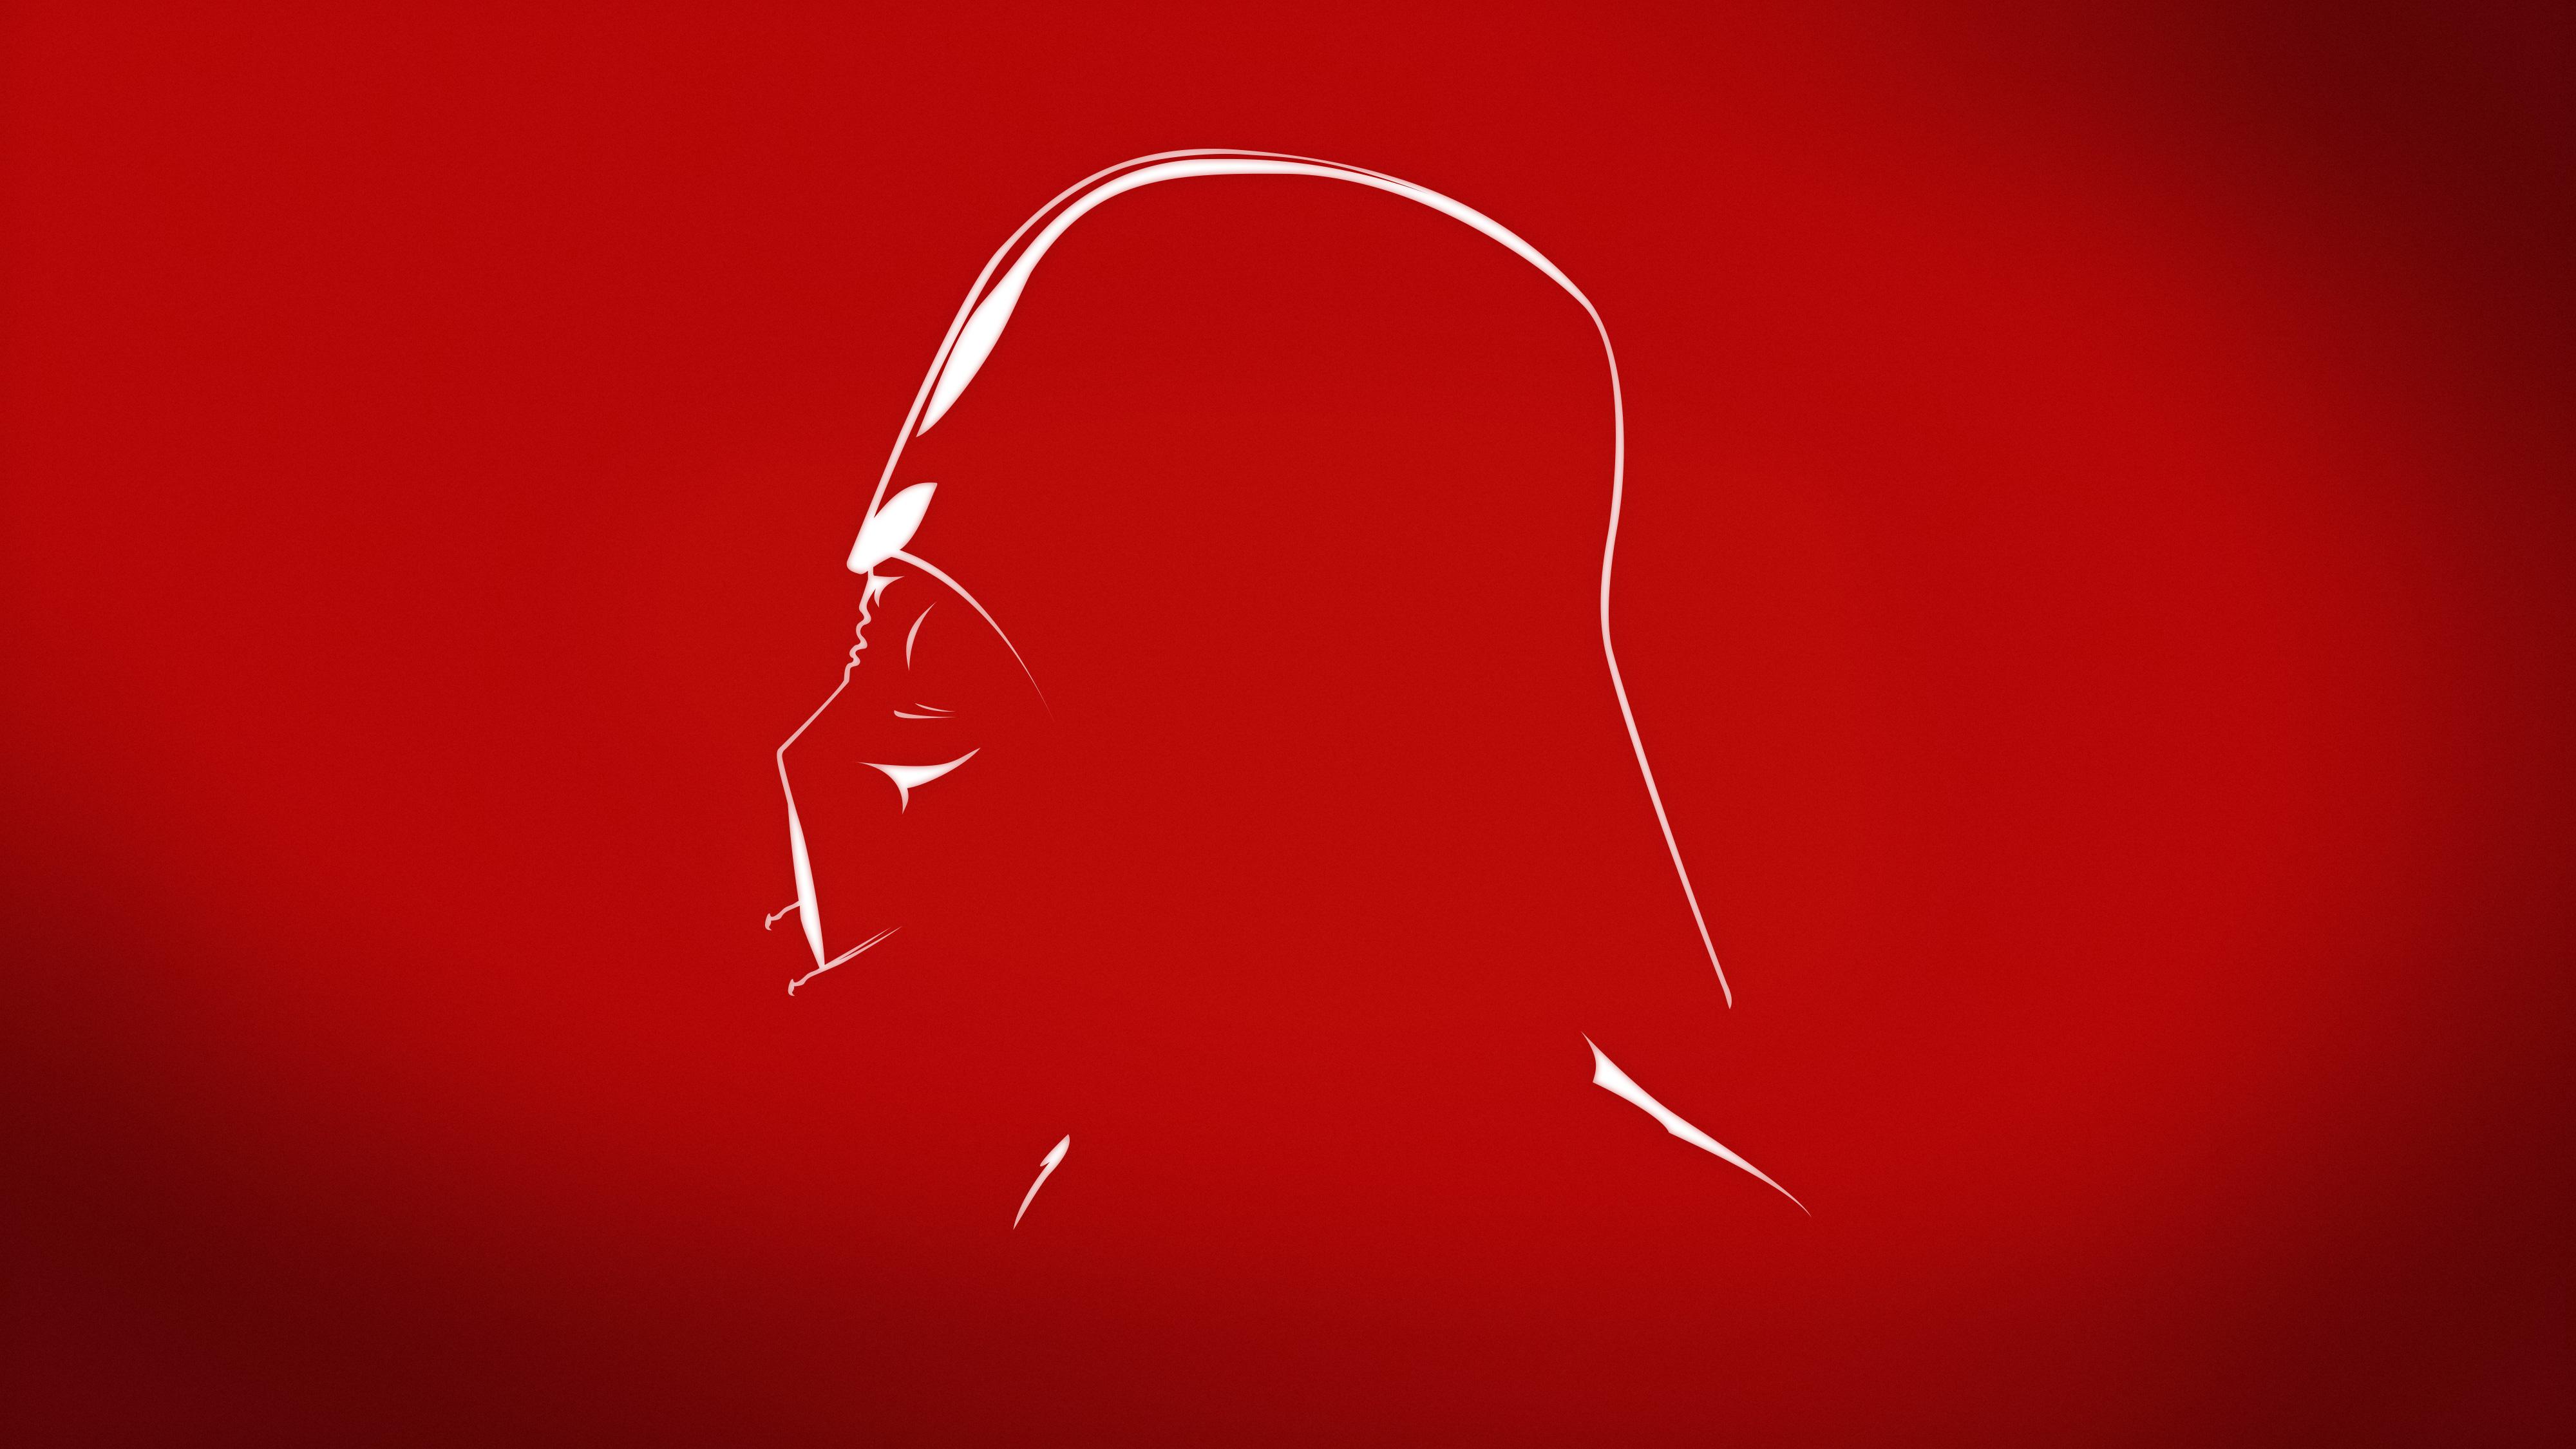 Darth Vader Abstract 5k Hd Movies 4k Wallpapers Images